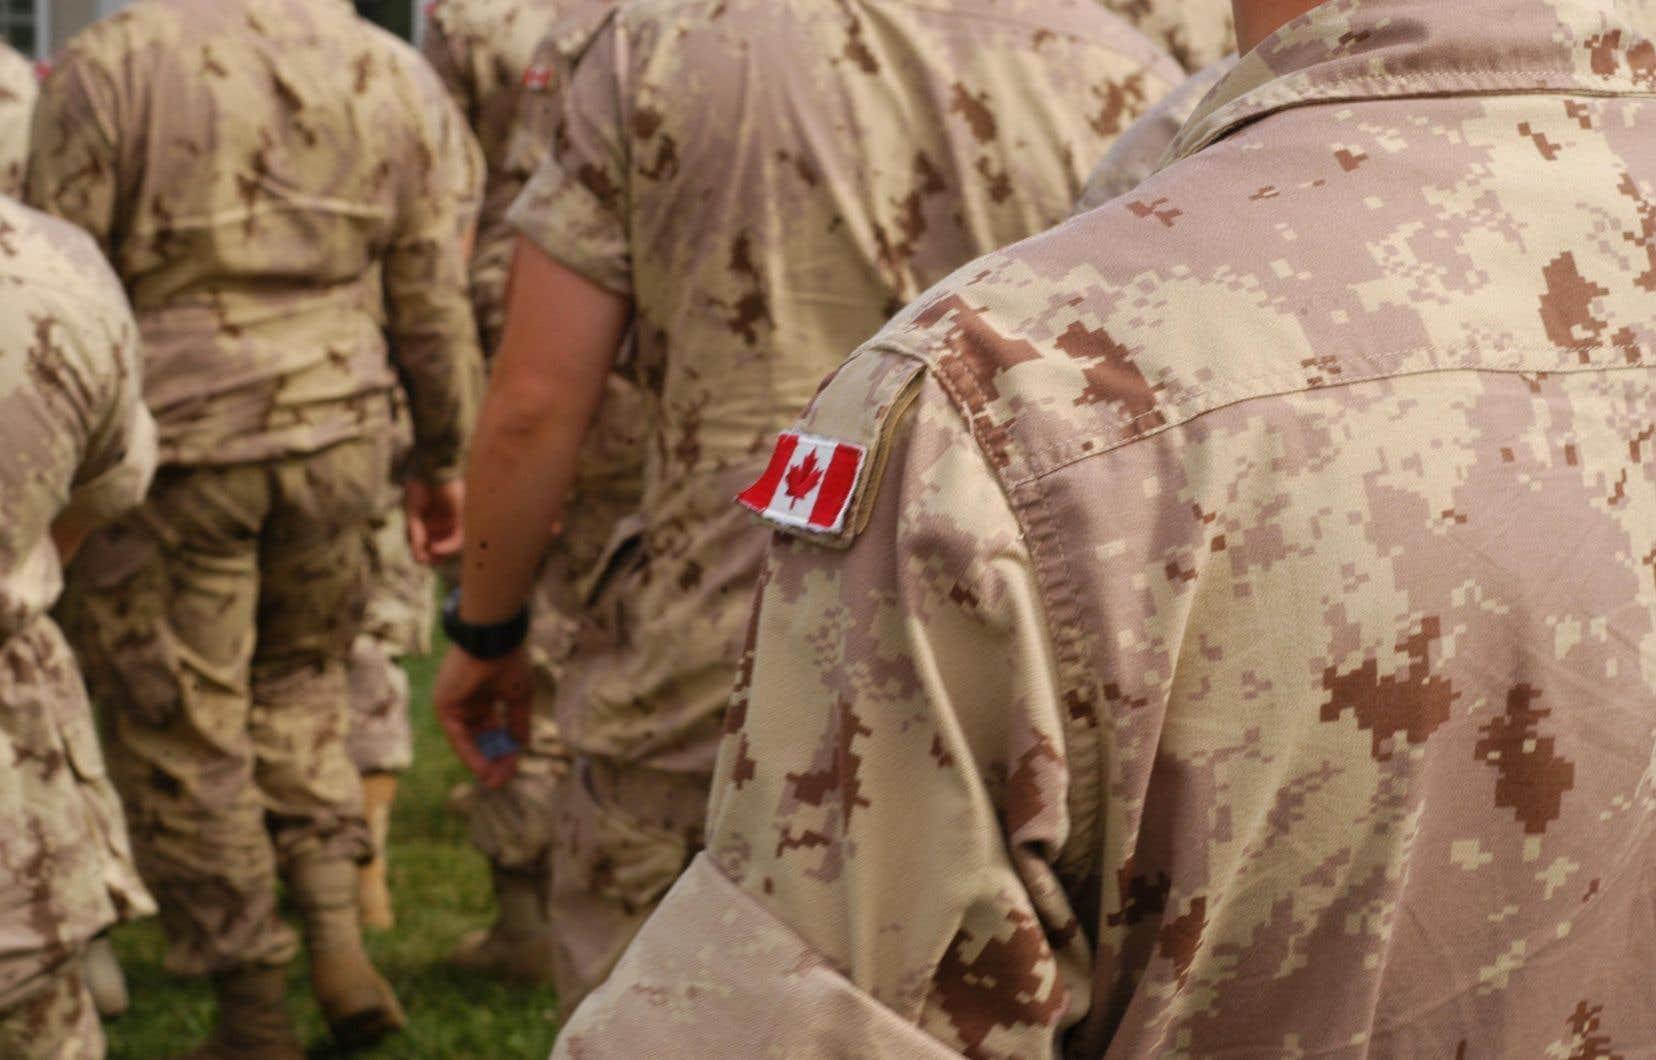 De nombreuses allégations d'inconduites sexuelles au sein des Forces armées canadiennes ont fait surface au cours des derniers mois.